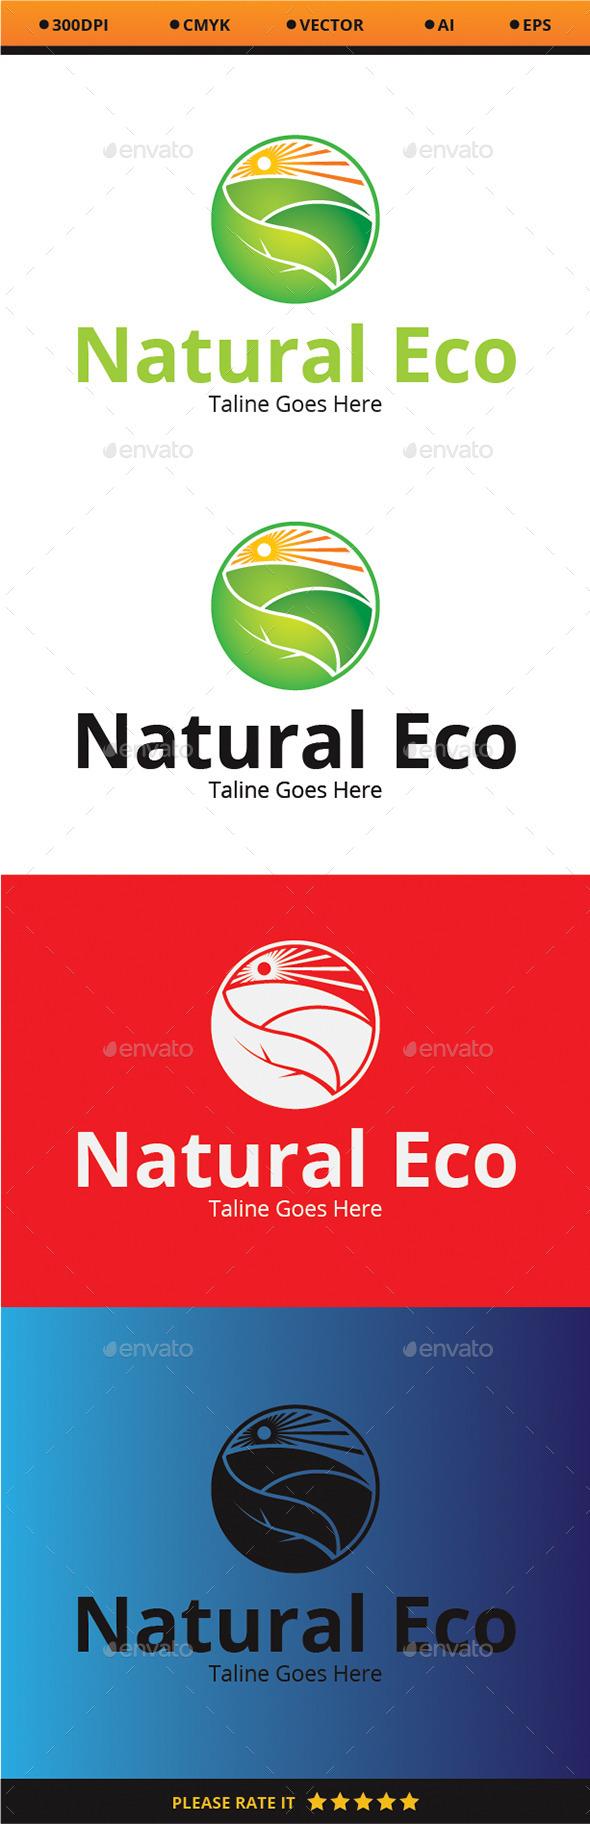 GraphicRiver Natural Eco 9353550